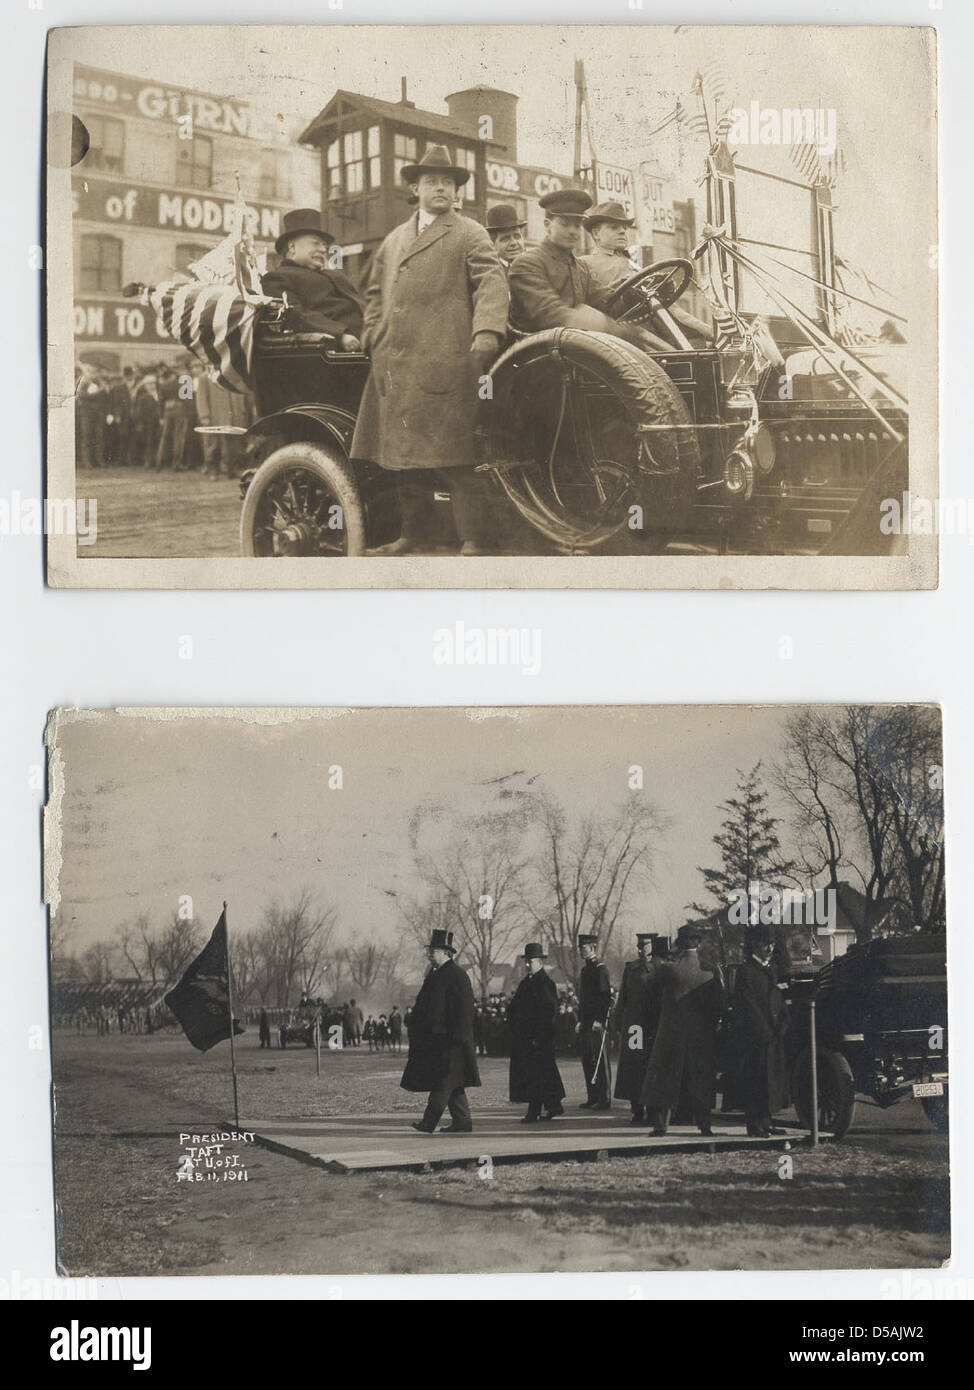 William H. Taft Photographic Postcards, ca. 1911 - Stock Image